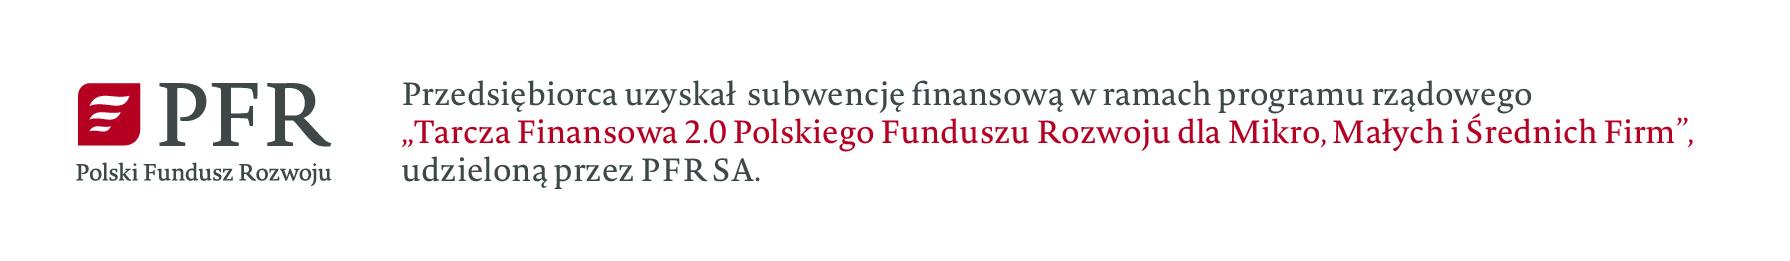 Polski Fundusz Rozwoju - Tarcza Finansowa 2.0